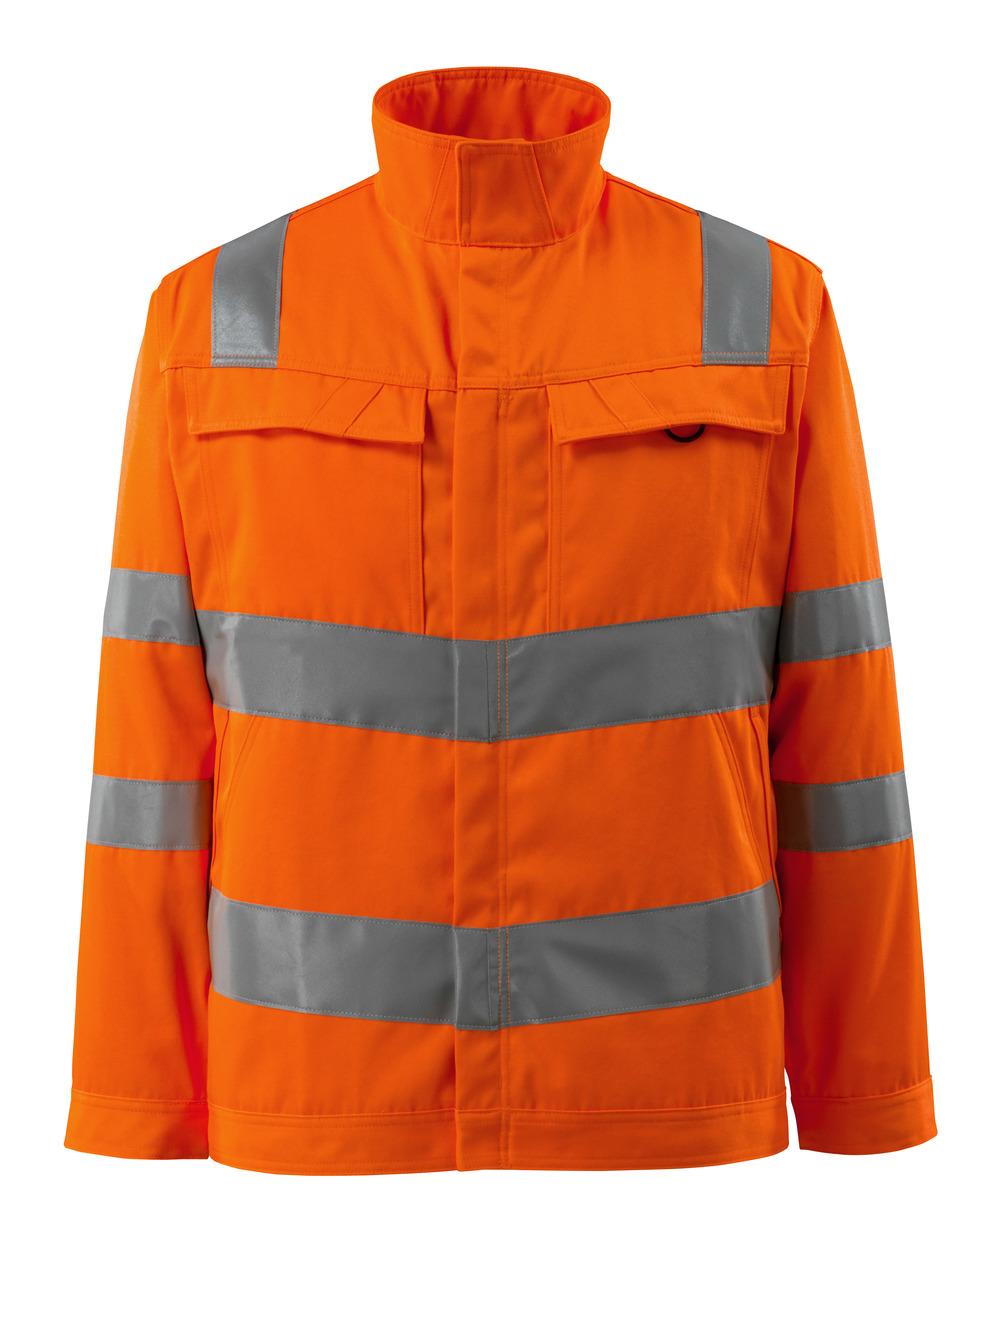 16909-860-14 Jacka - hi-vis orange